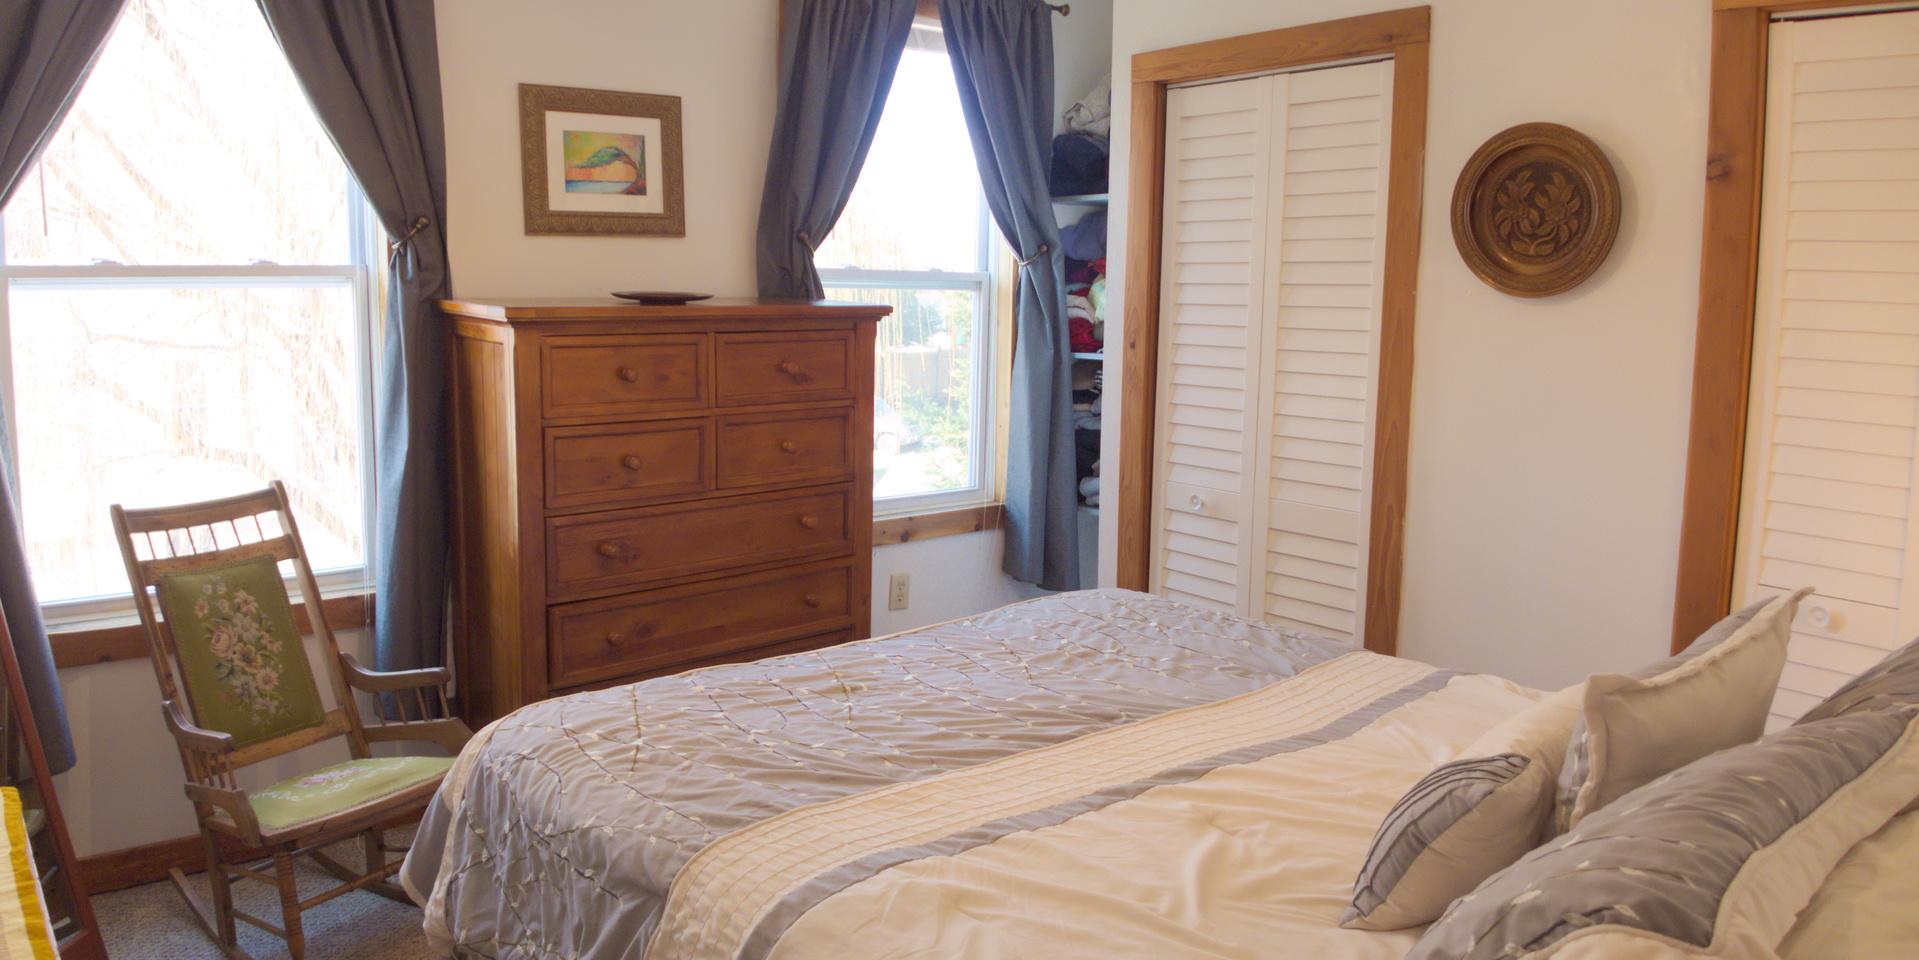 1831 Oxford Ave SW u2013 Bedroom in